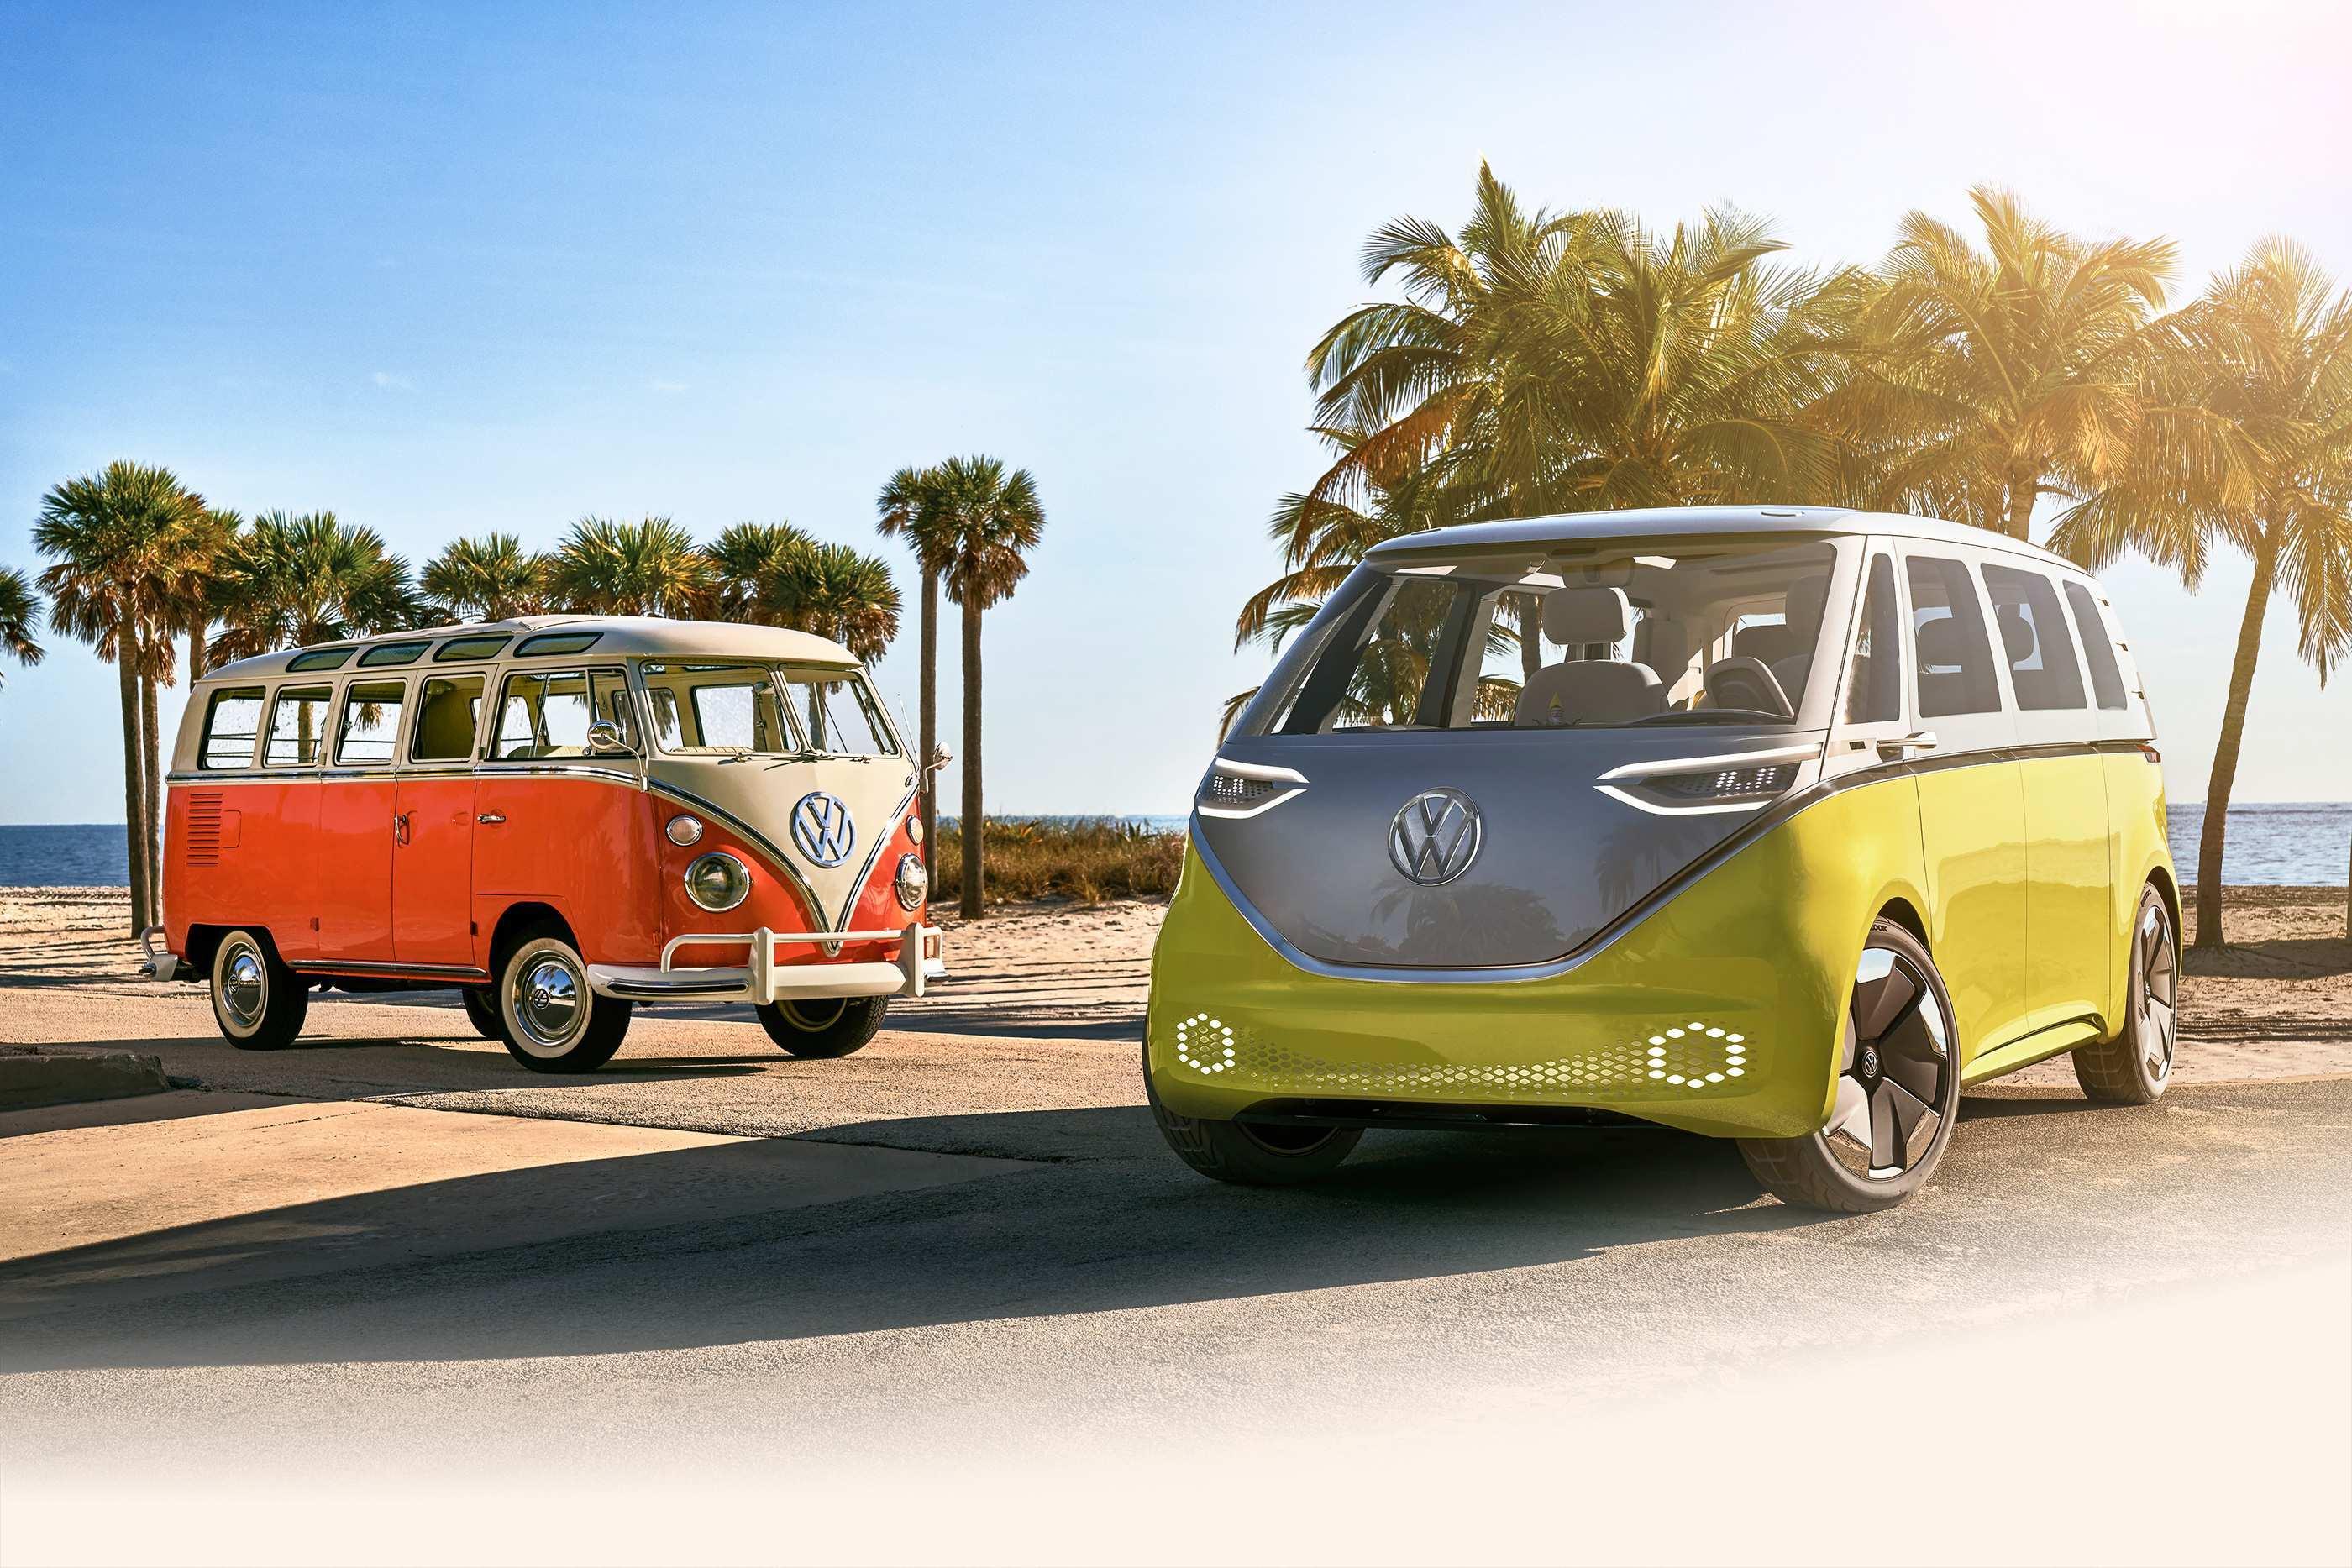 68 The 2020 VW Bulli 2018 Spy Shoot for 2020 VW Bulli 2018